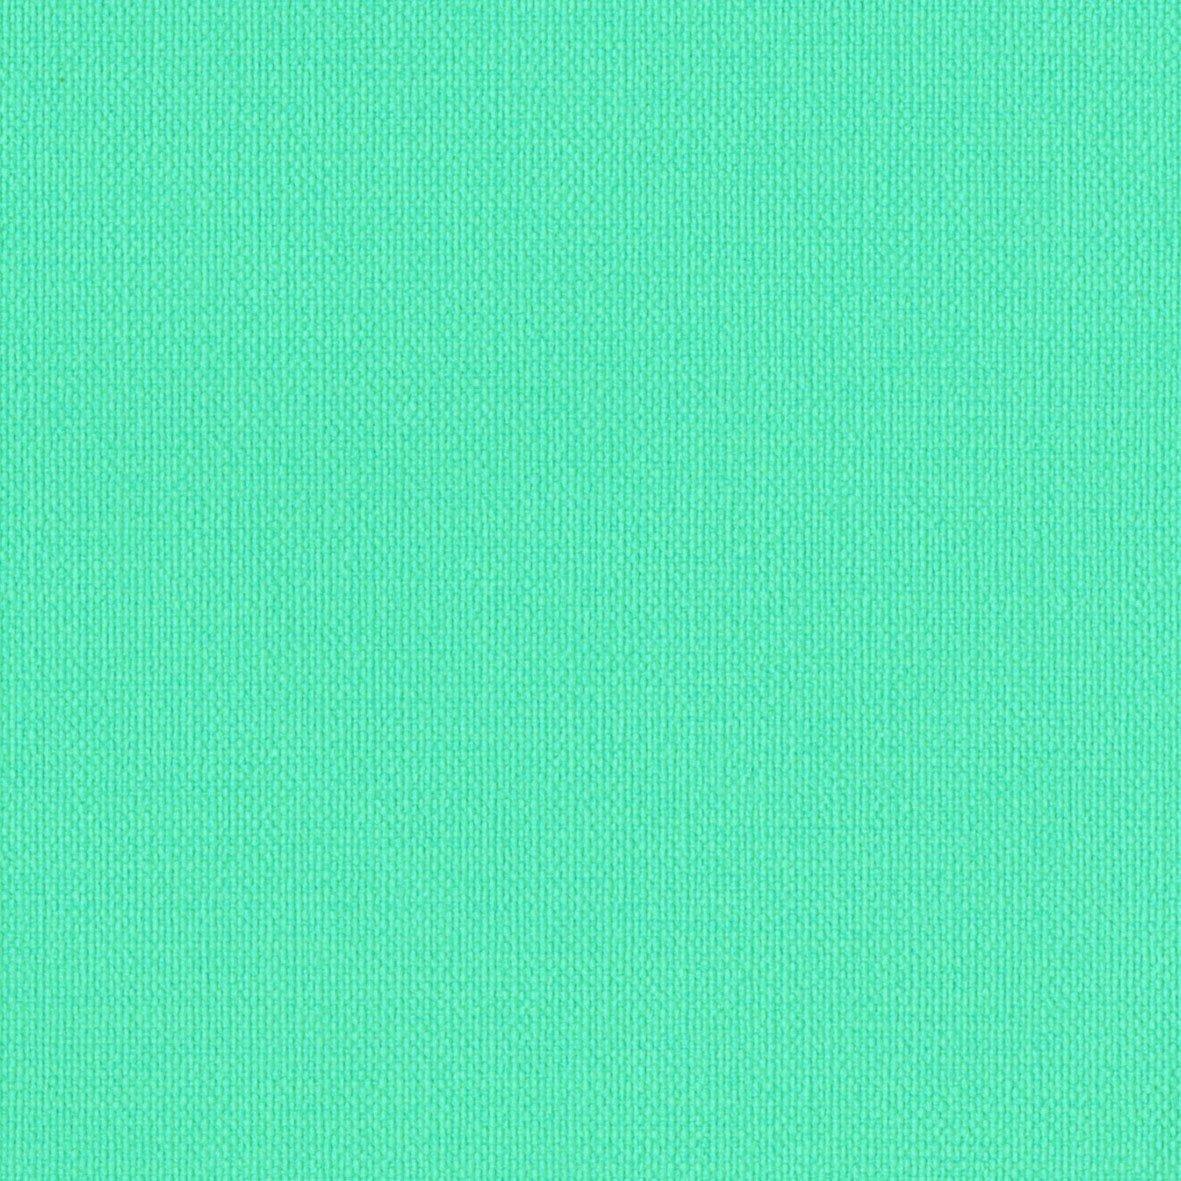 リリカラ 壁紙36m シンフル 織物調 ブルー LL-8241 B01N3OZVN1 36m|ブルー